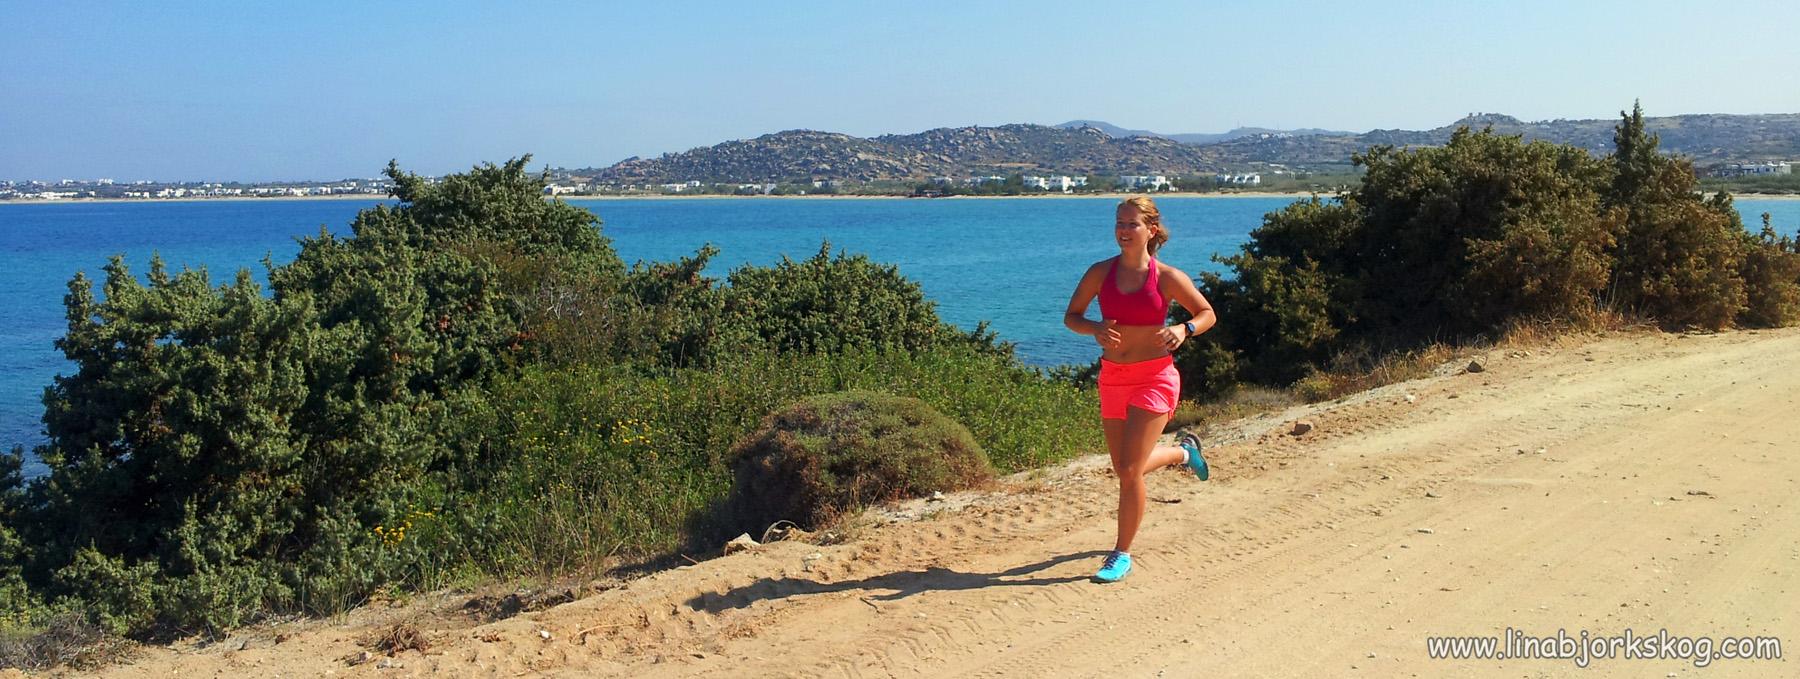 Veckans utmaning: 30 kilometer till fots